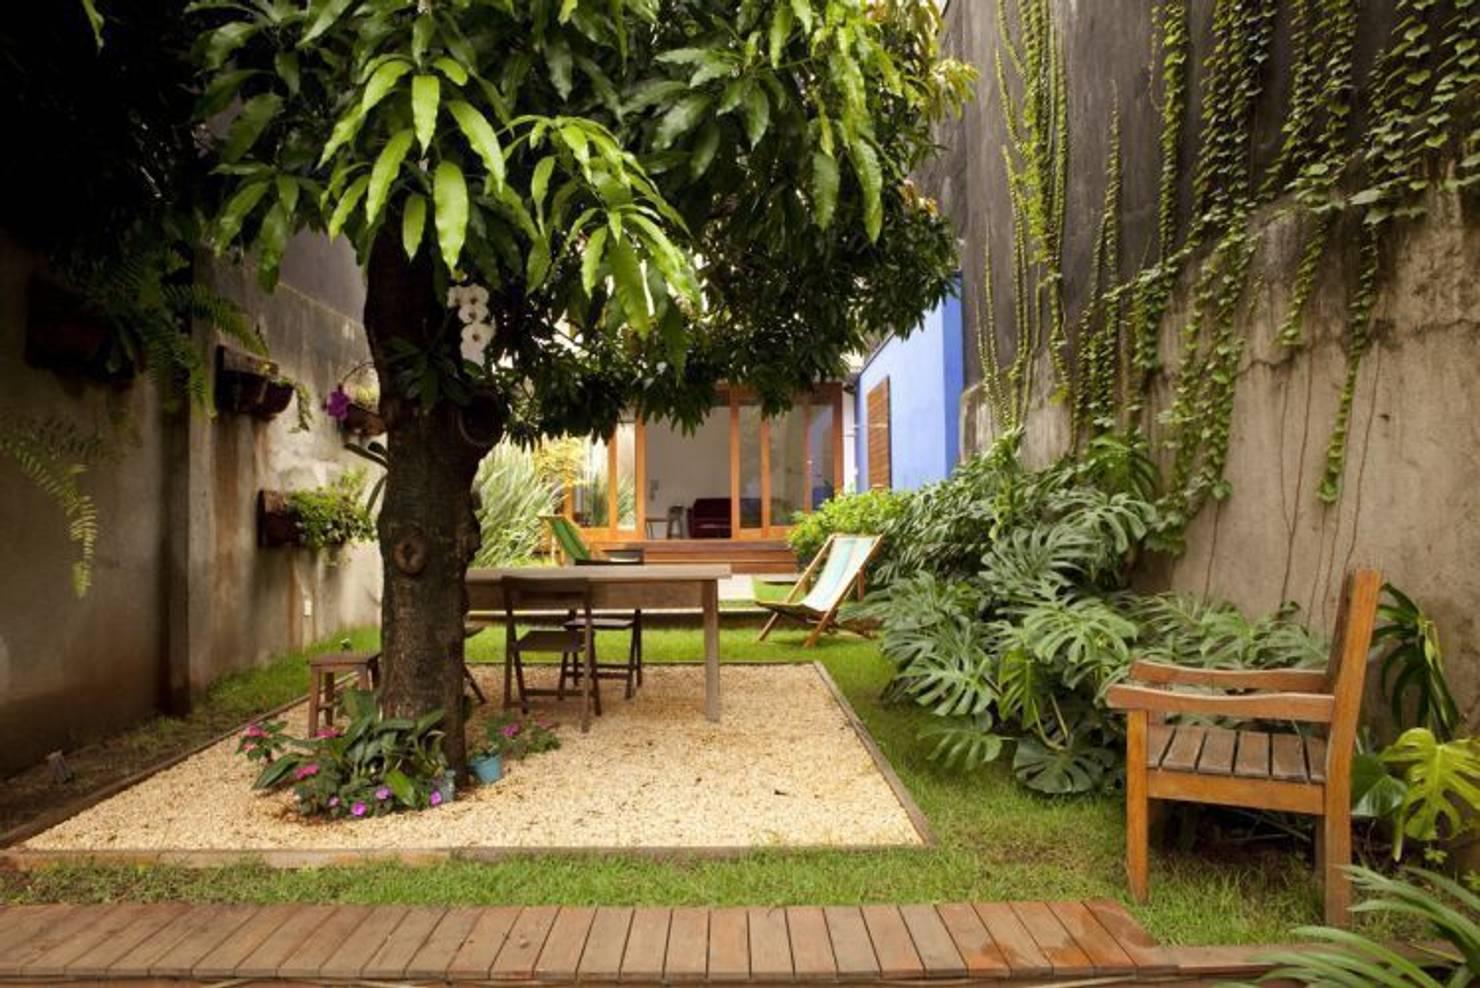 Simples, Mas Com Muito Verde: Veja A Planta Baixa Dessa Casa De Dois Andares